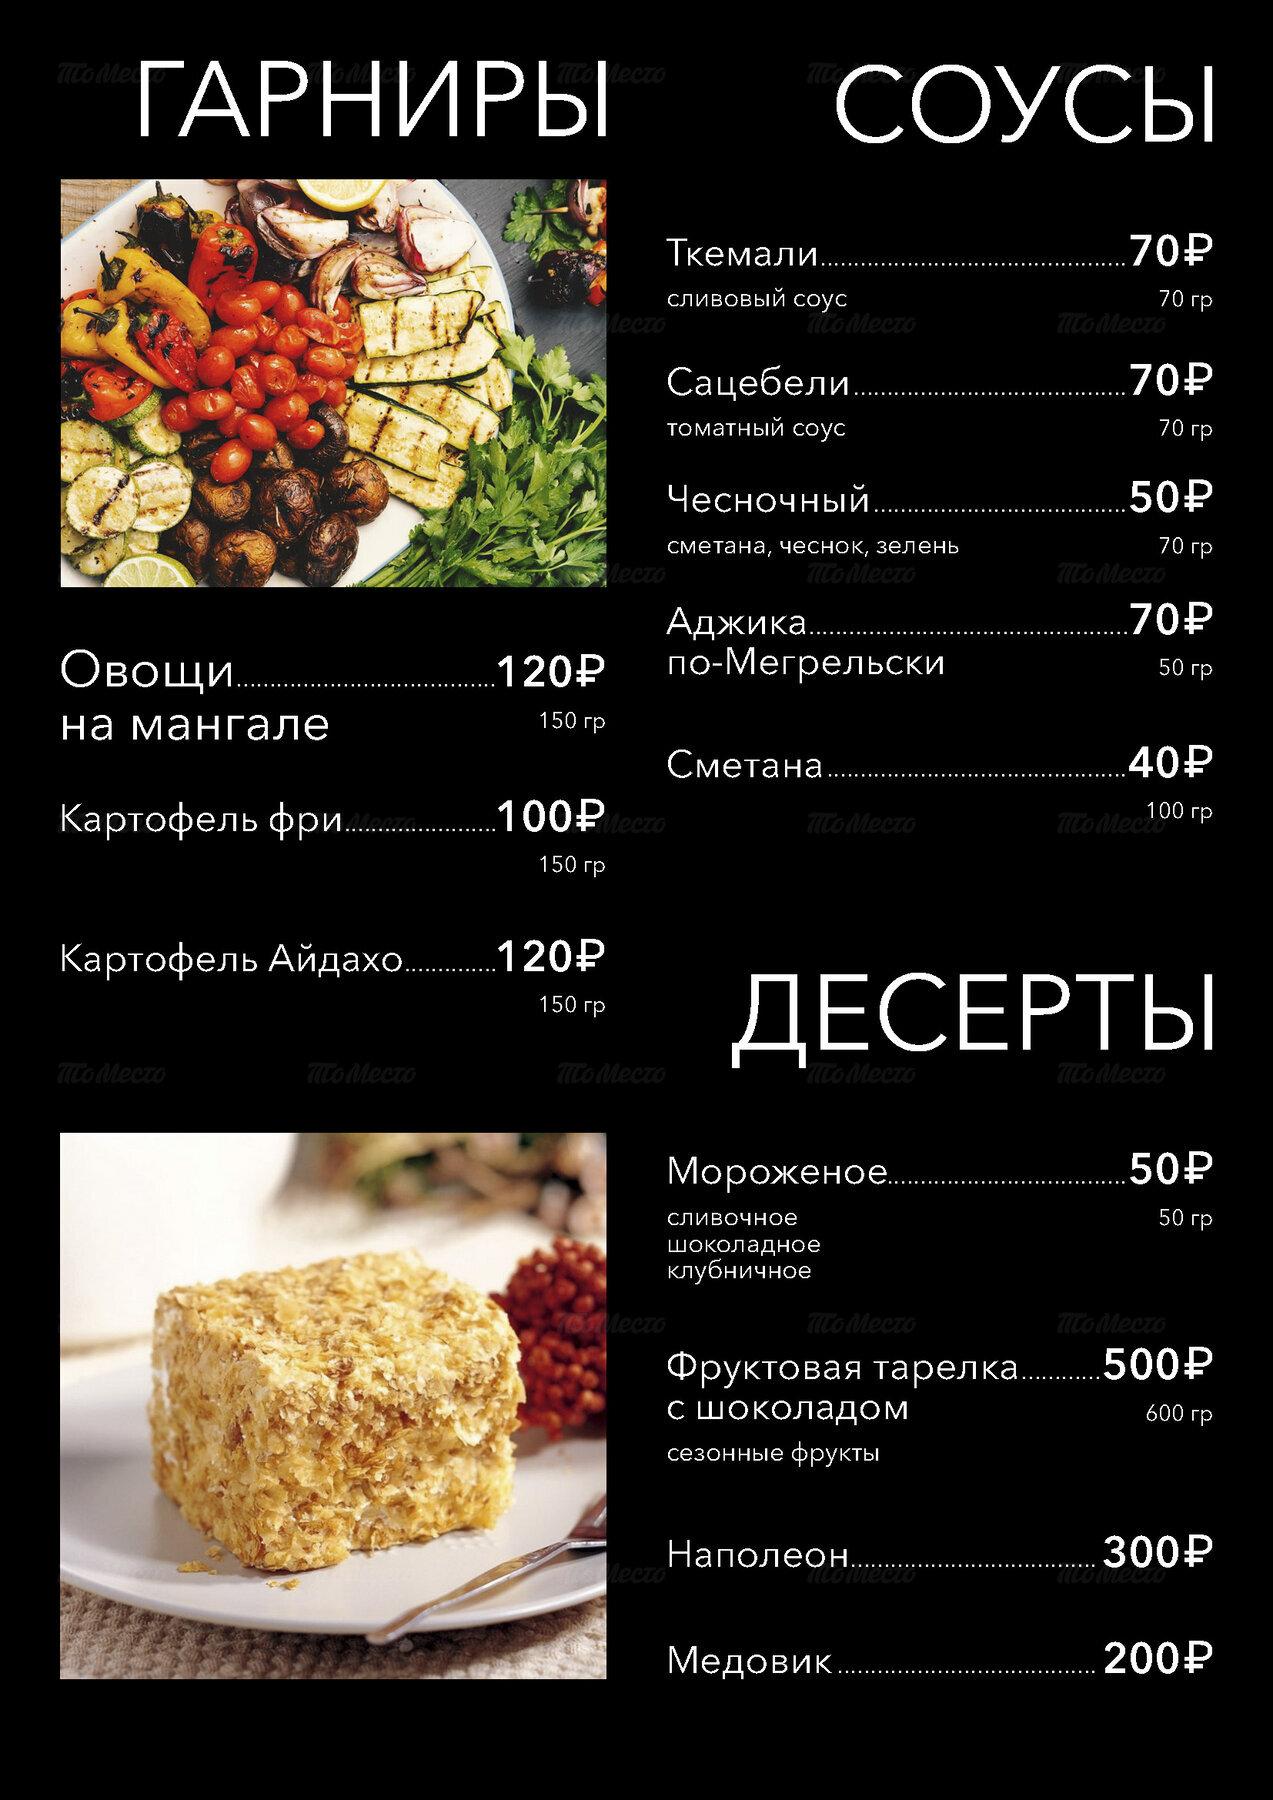 Меню кафе Мадиани на Типанова фото 7